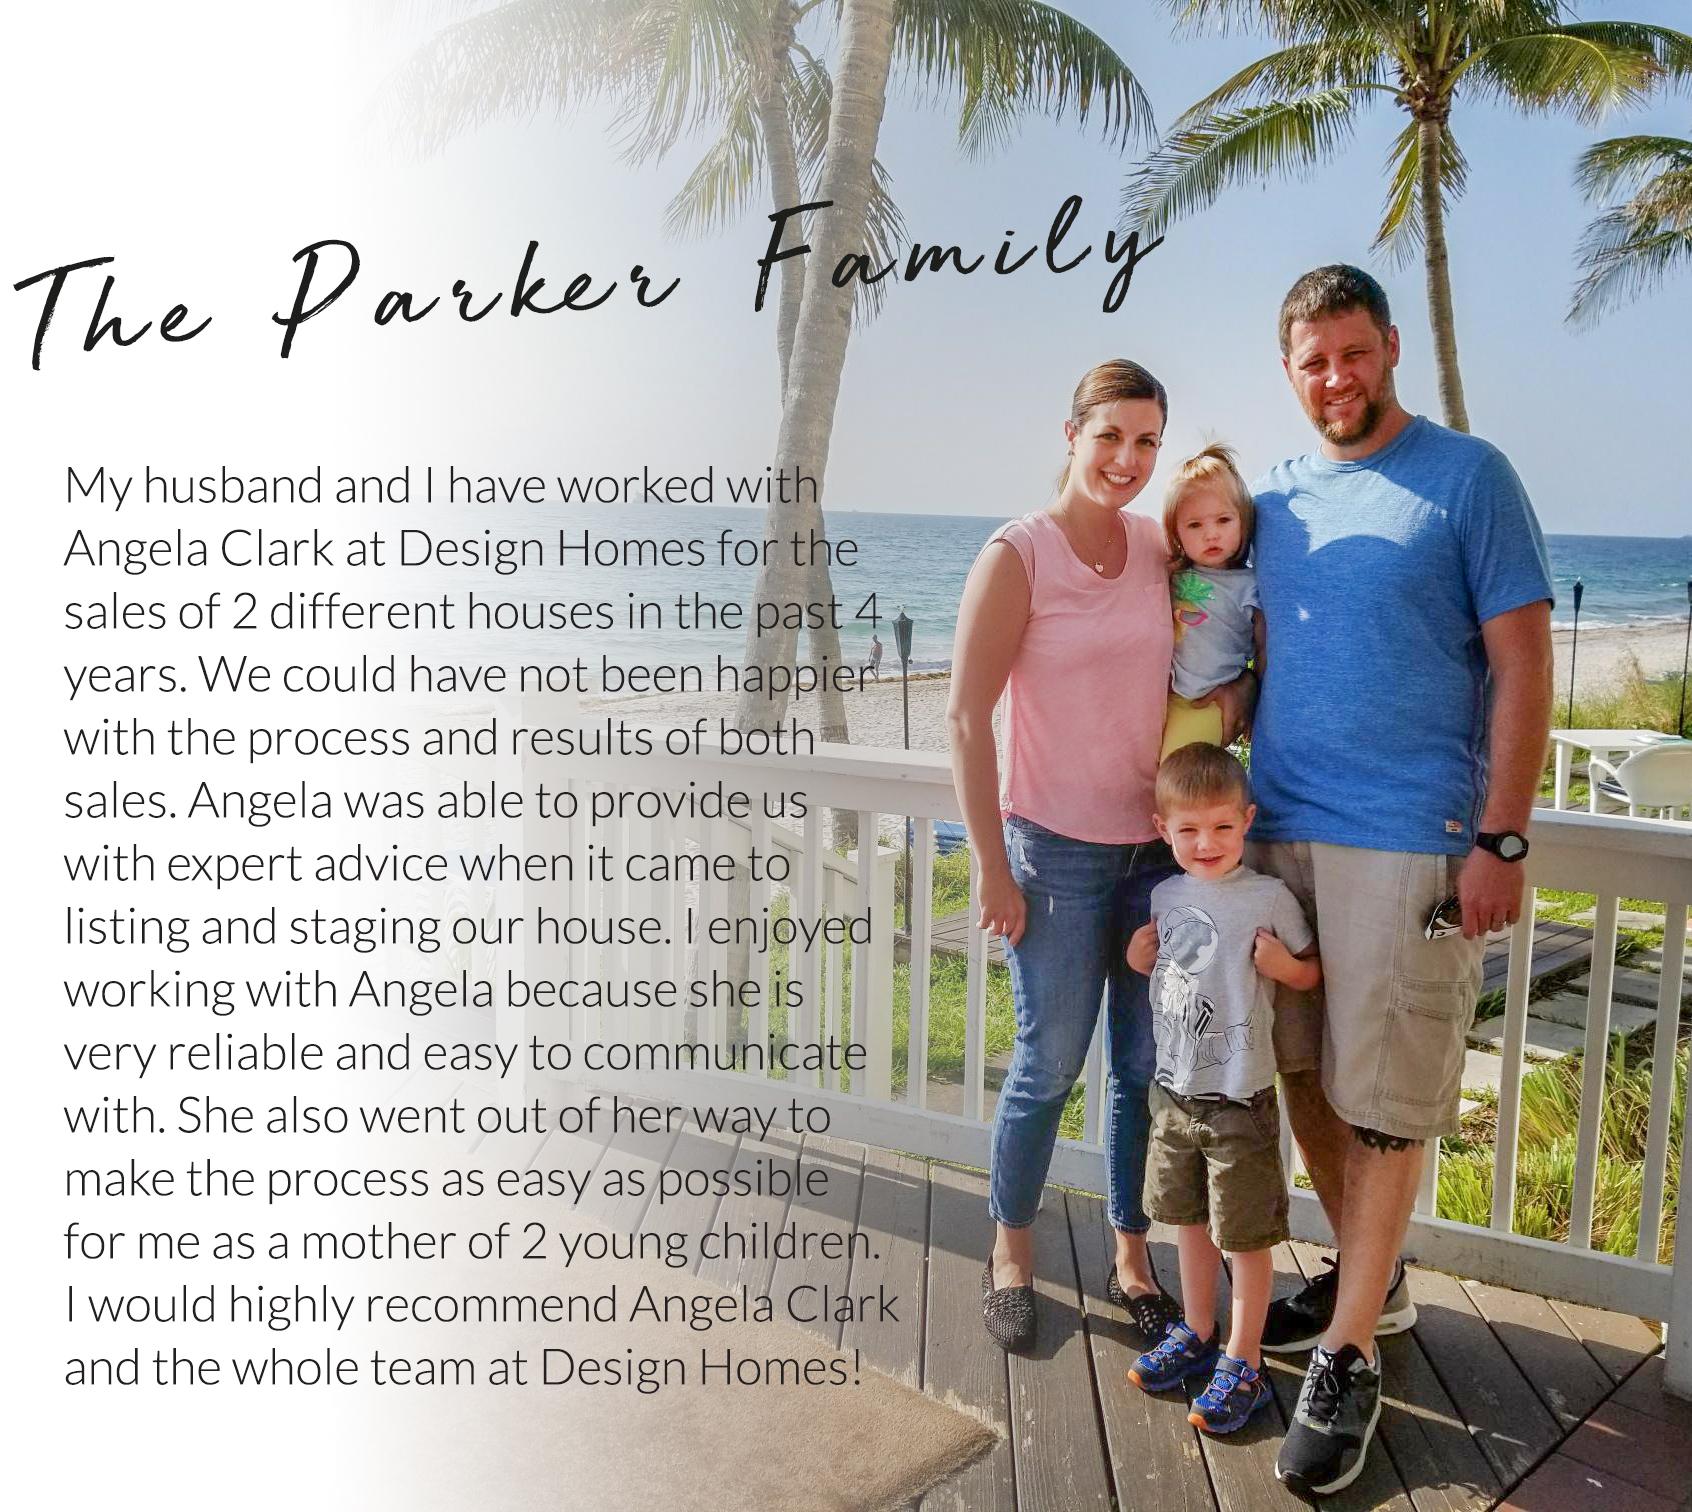 Parker Family Testimonial